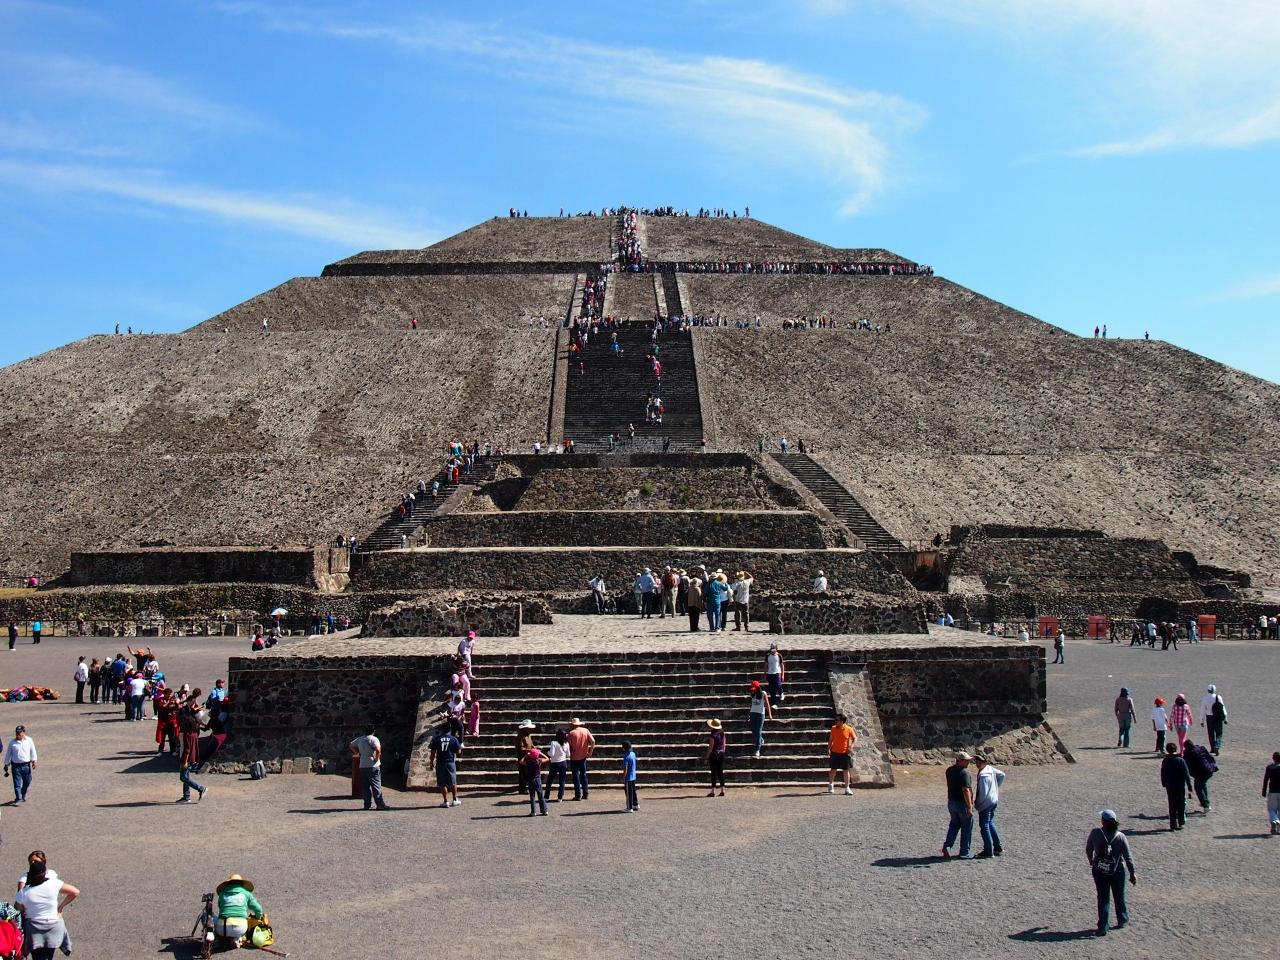 テオティワカンへの行き方紹介!不思議な魅力の神秘的な遺跡を観光!